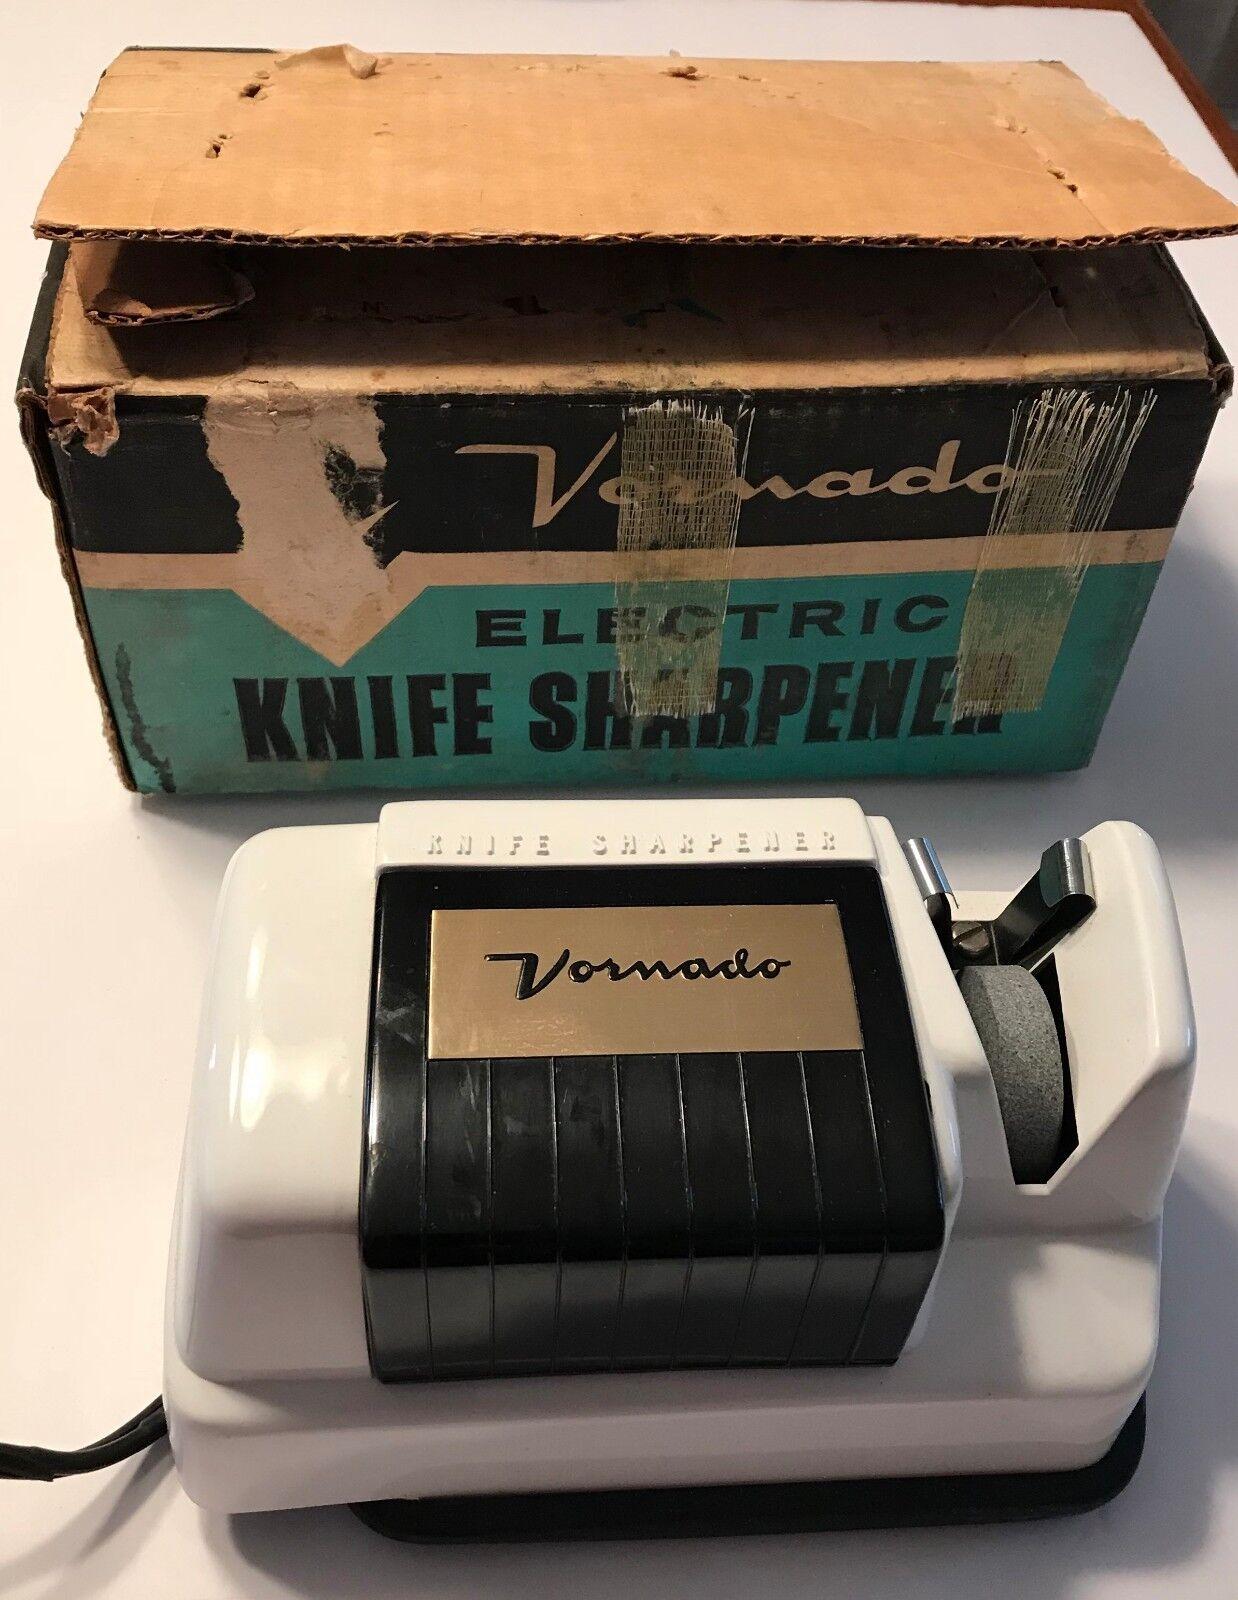 VINTAGE Vornado Model 111 Knife Sharpener-Tested- FREE Shipping